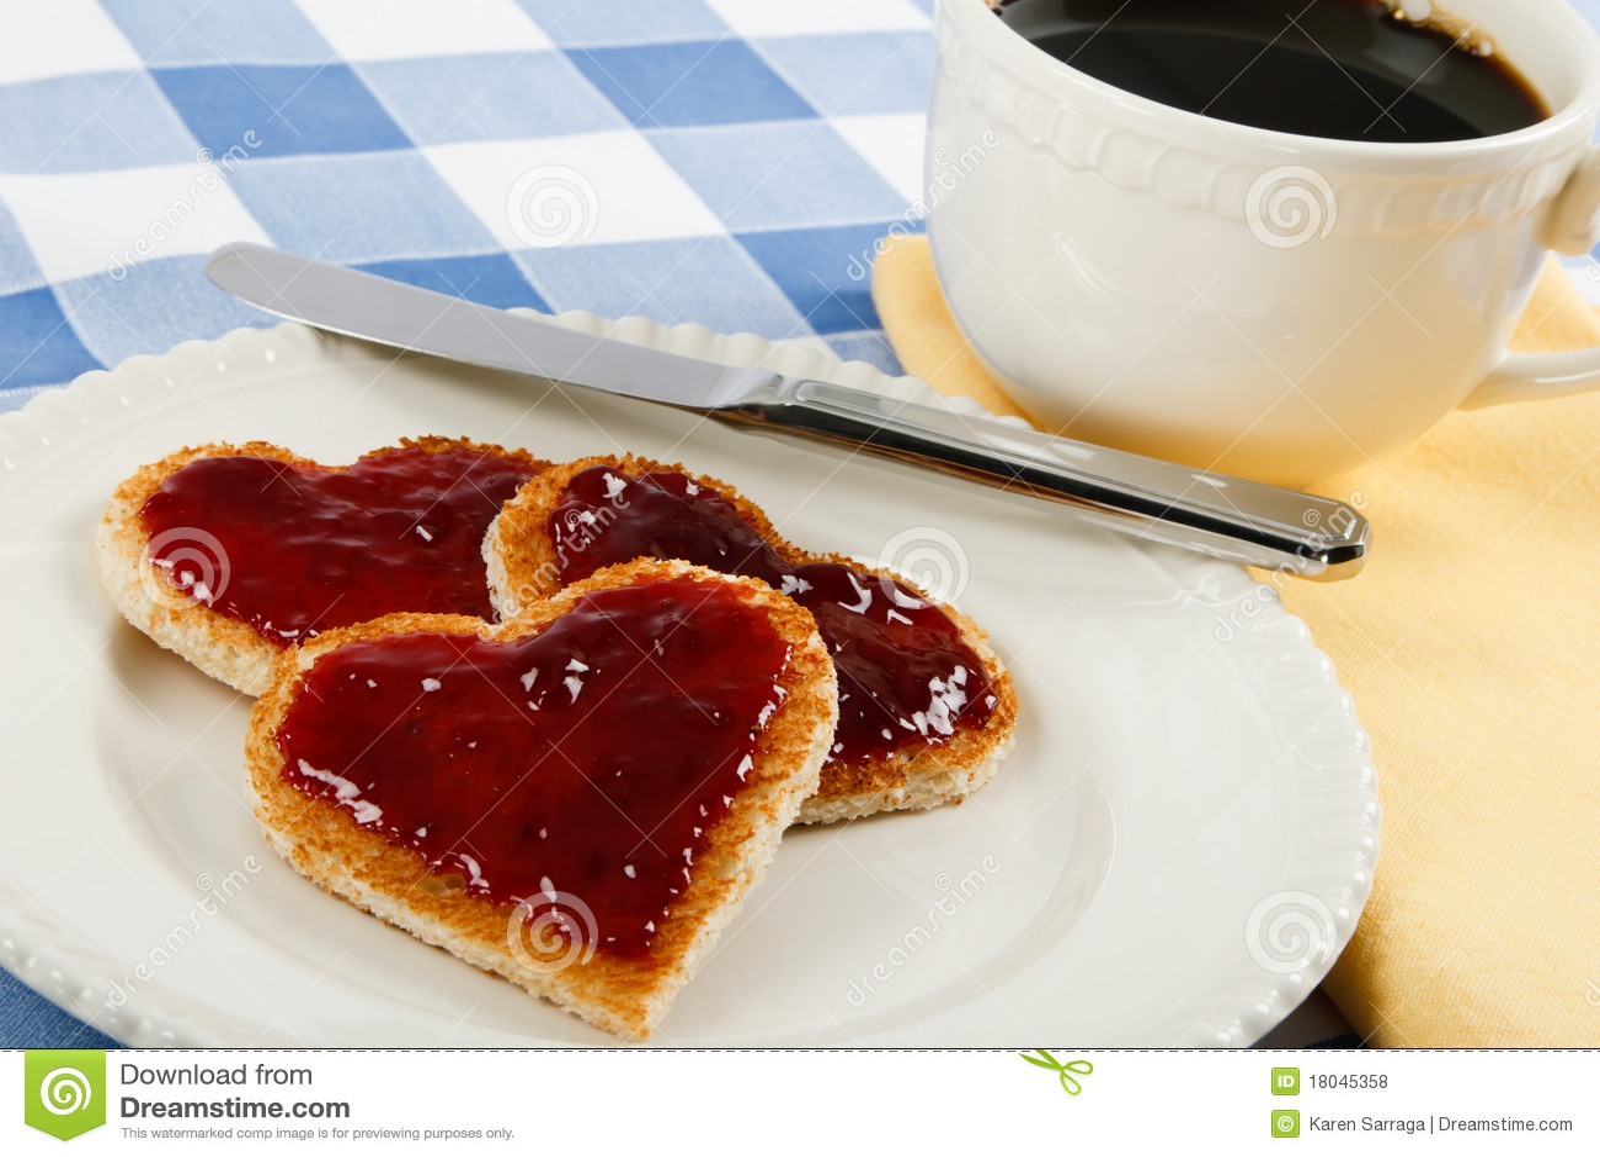 Un convite rom ntico del desayuno fotos de archivo libres - Preparar desayuno romantico ...